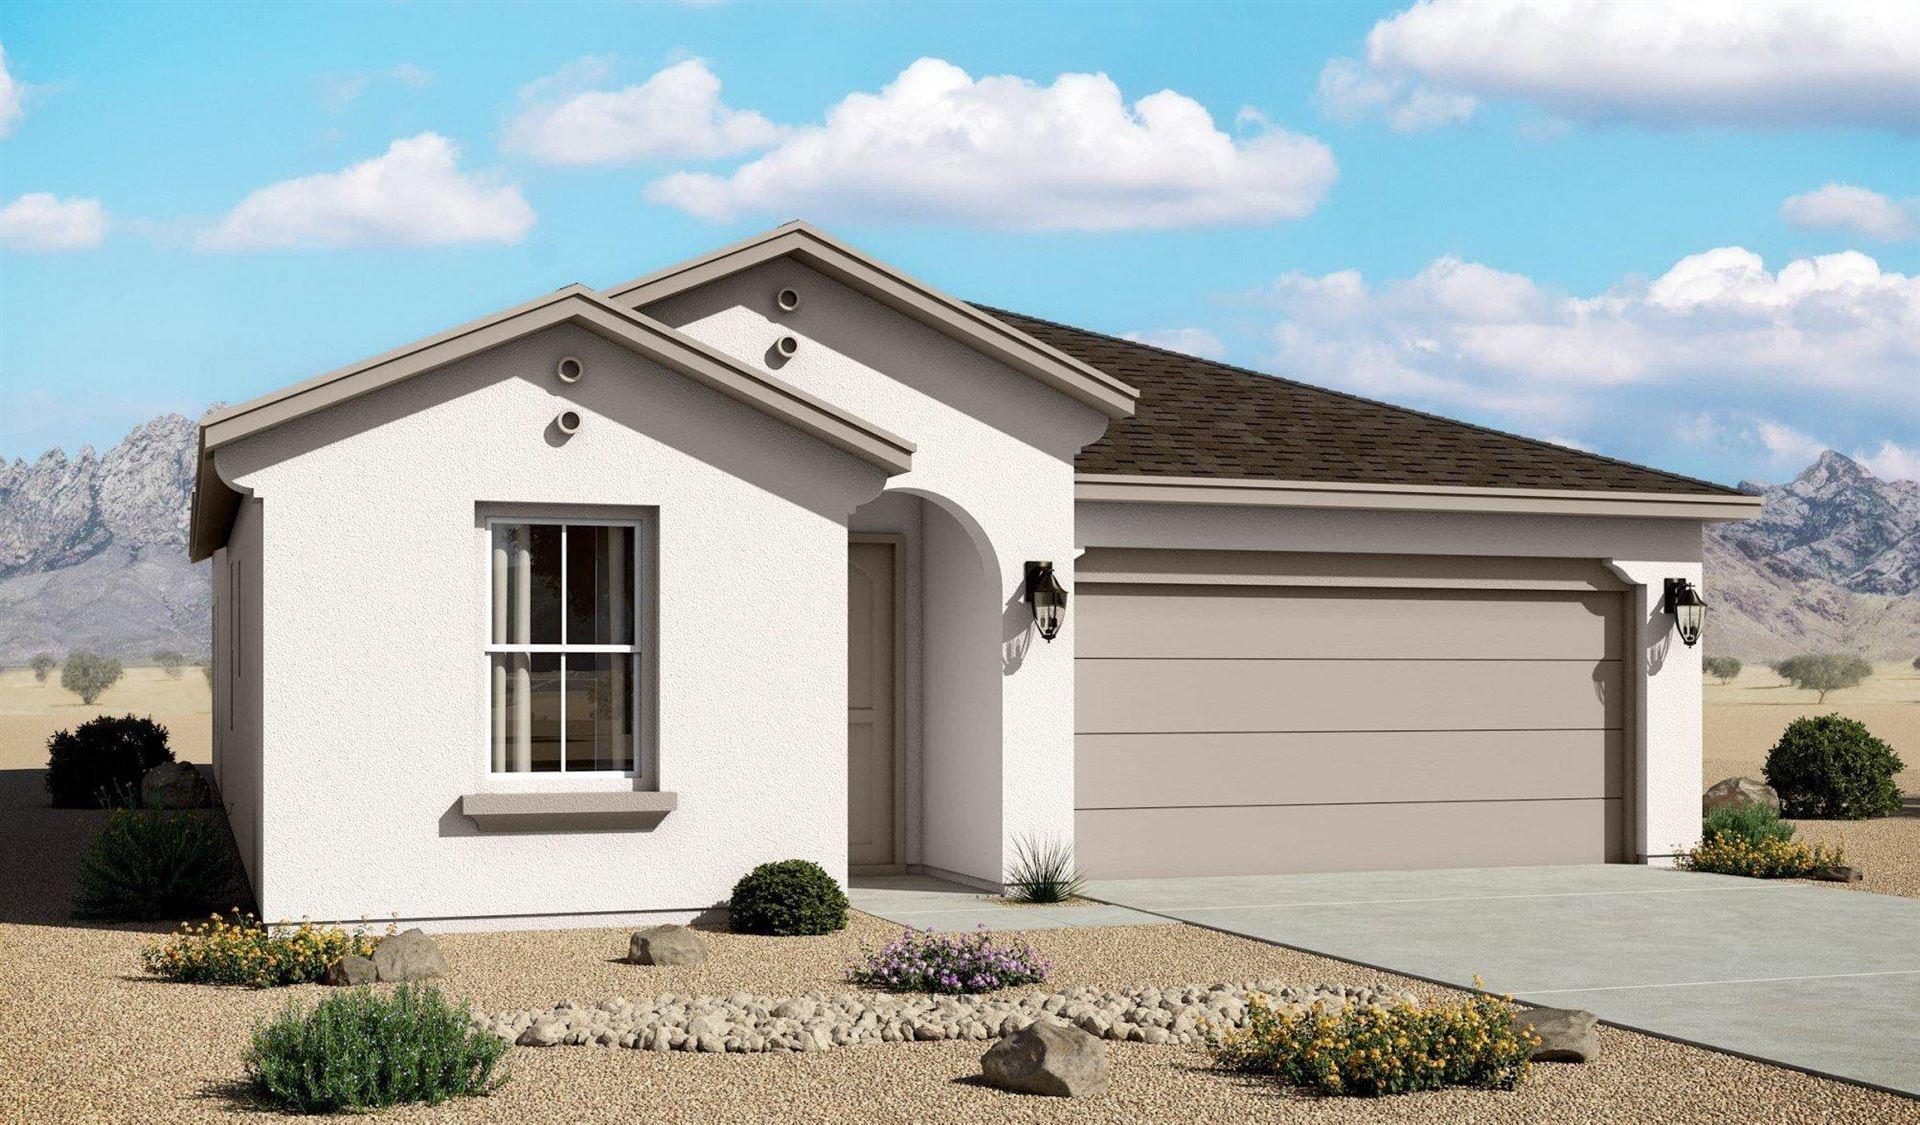 7356 Redbloom Road NW, Albuquerque, NM 87114 - MLS#: 985859